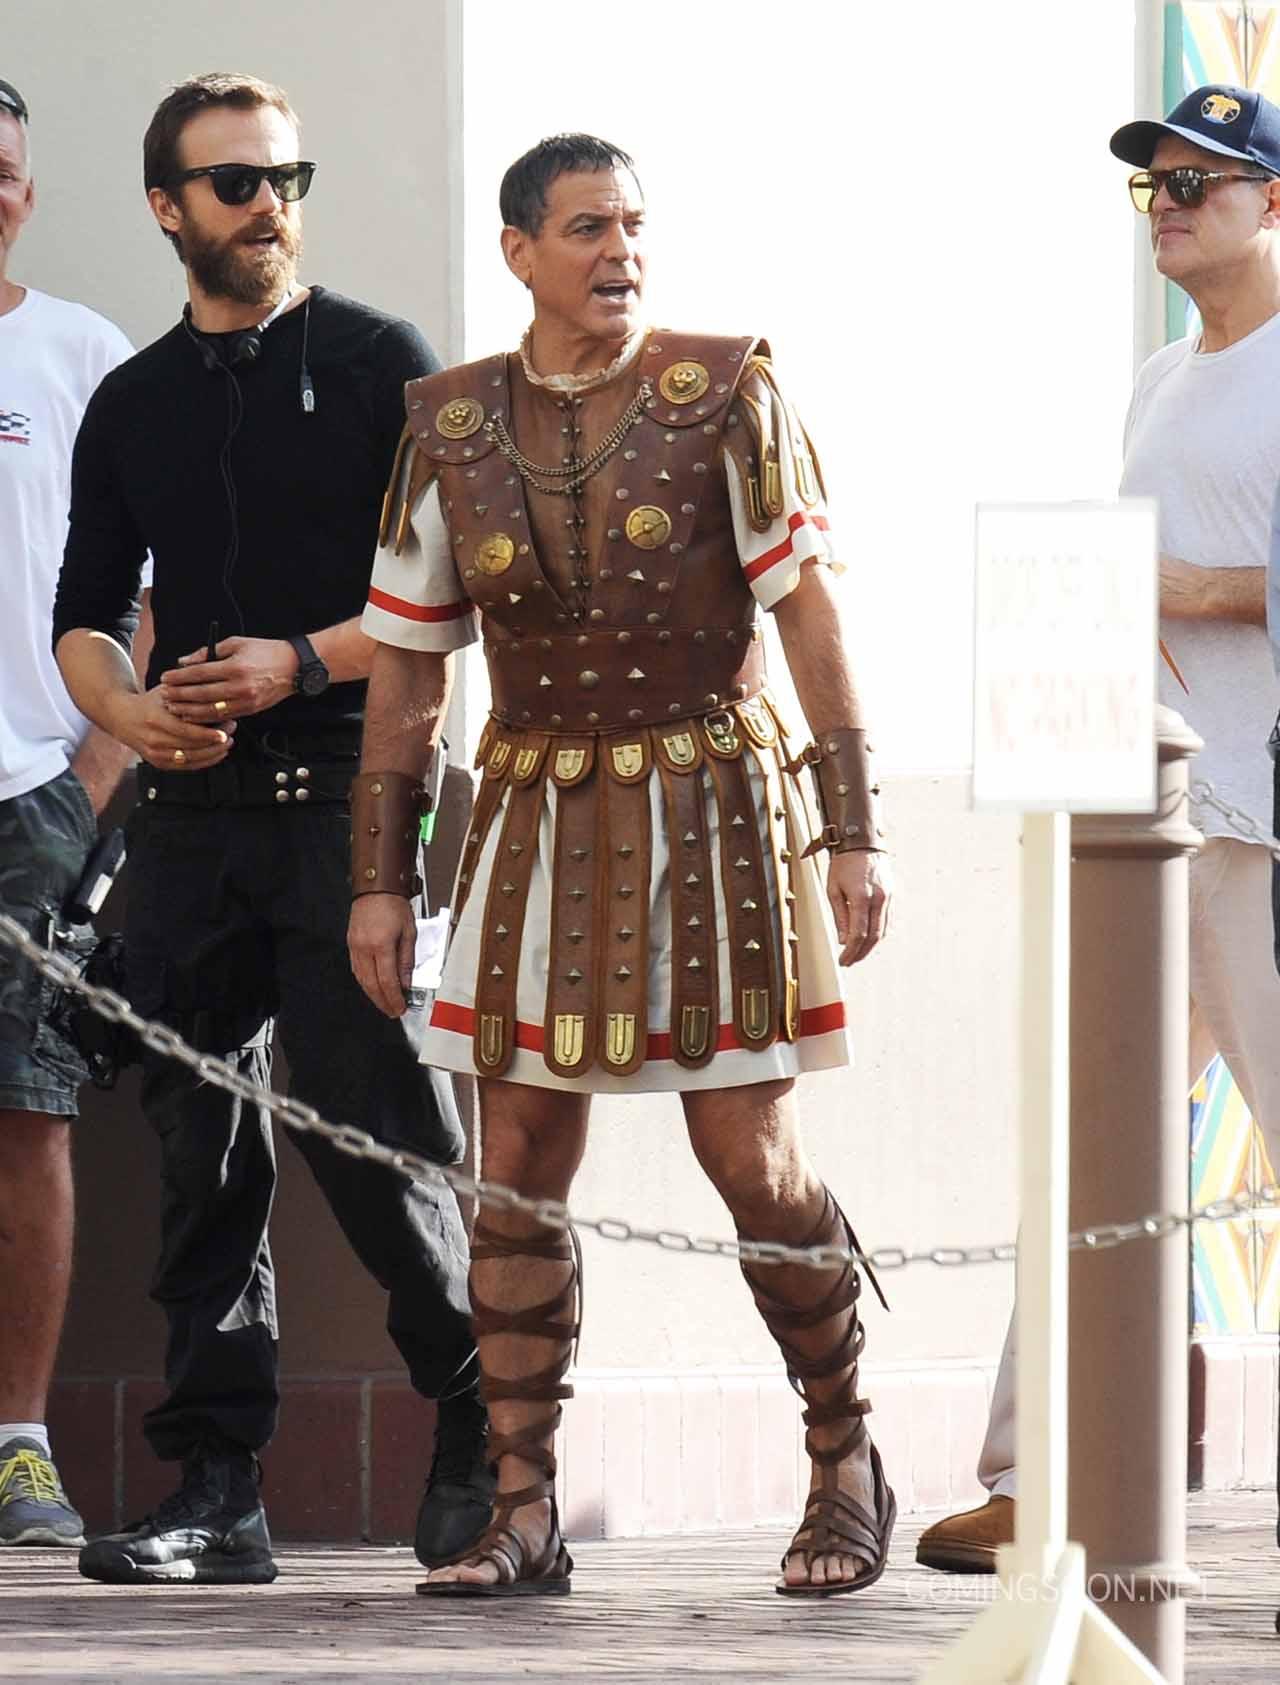 En su más reciente filme, Clooney interpreta a Baird Whitlock, una estrella de cine de antaño.